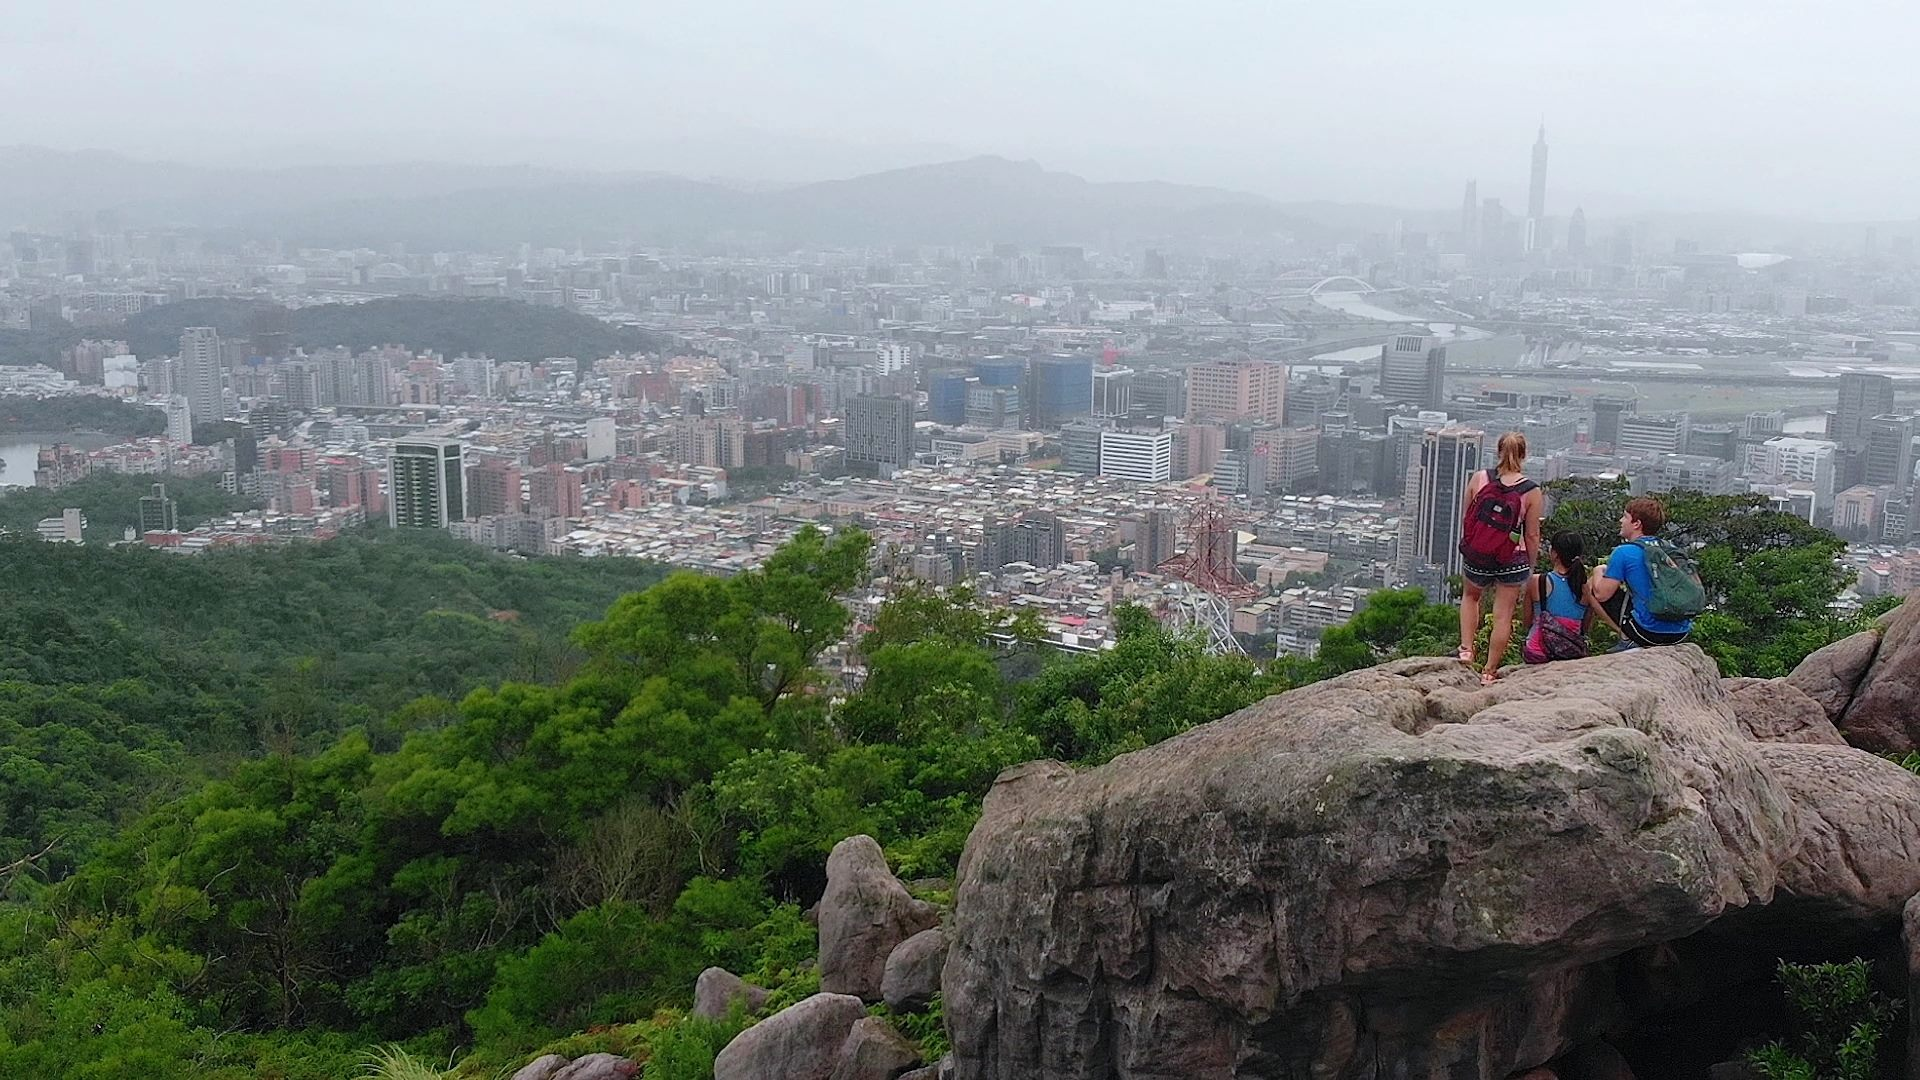 臺北便利的交通路網,讓登山步道離都市不遠